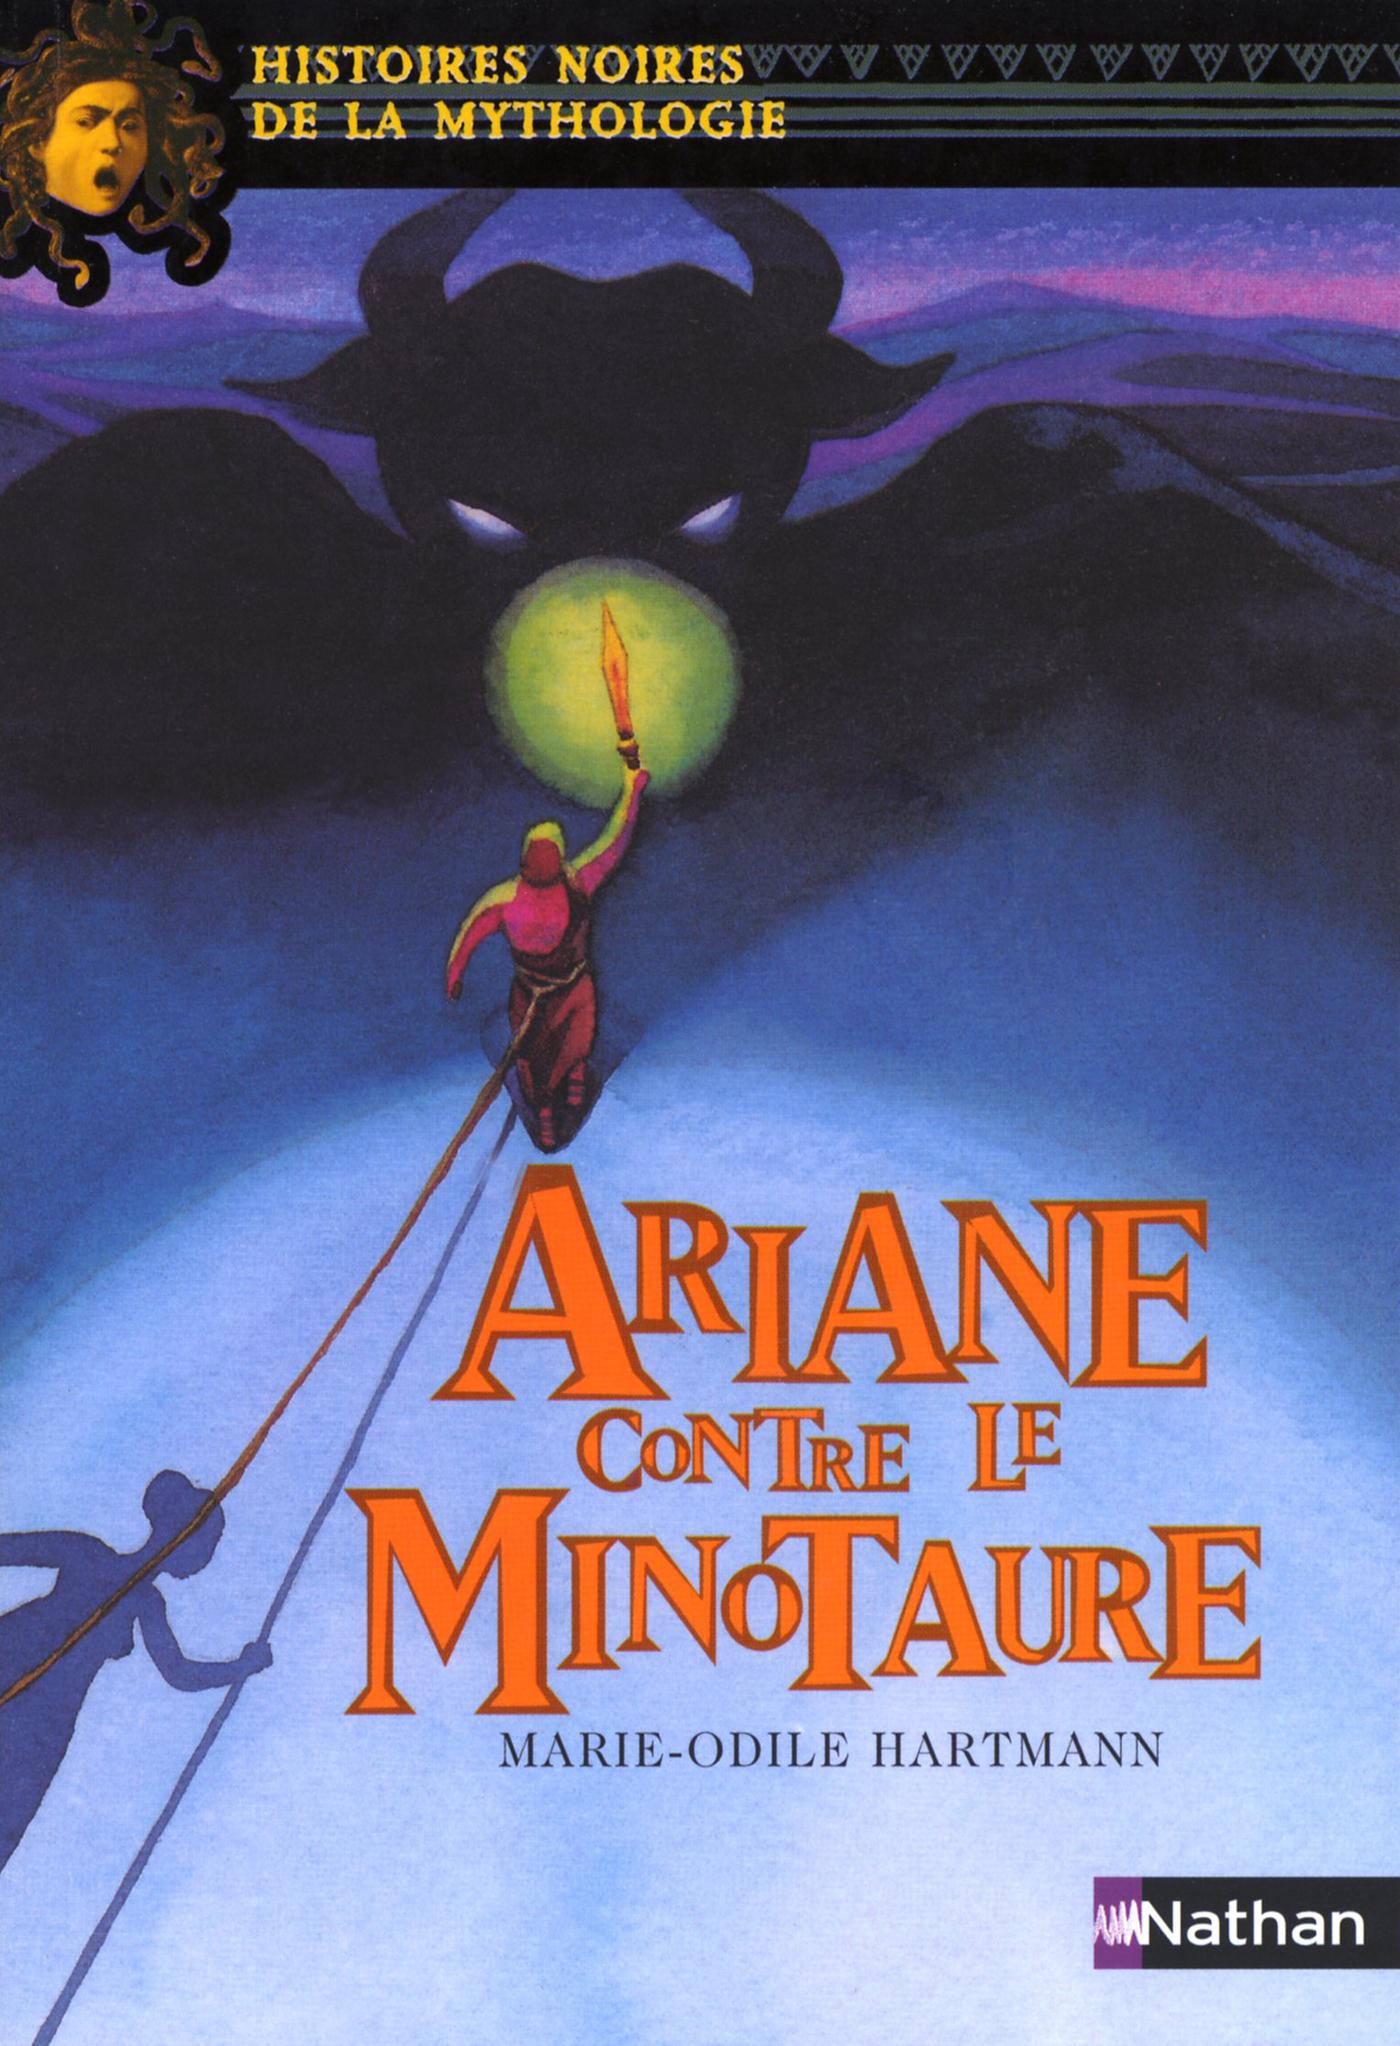 Ariane contre le minotaure (ebook)